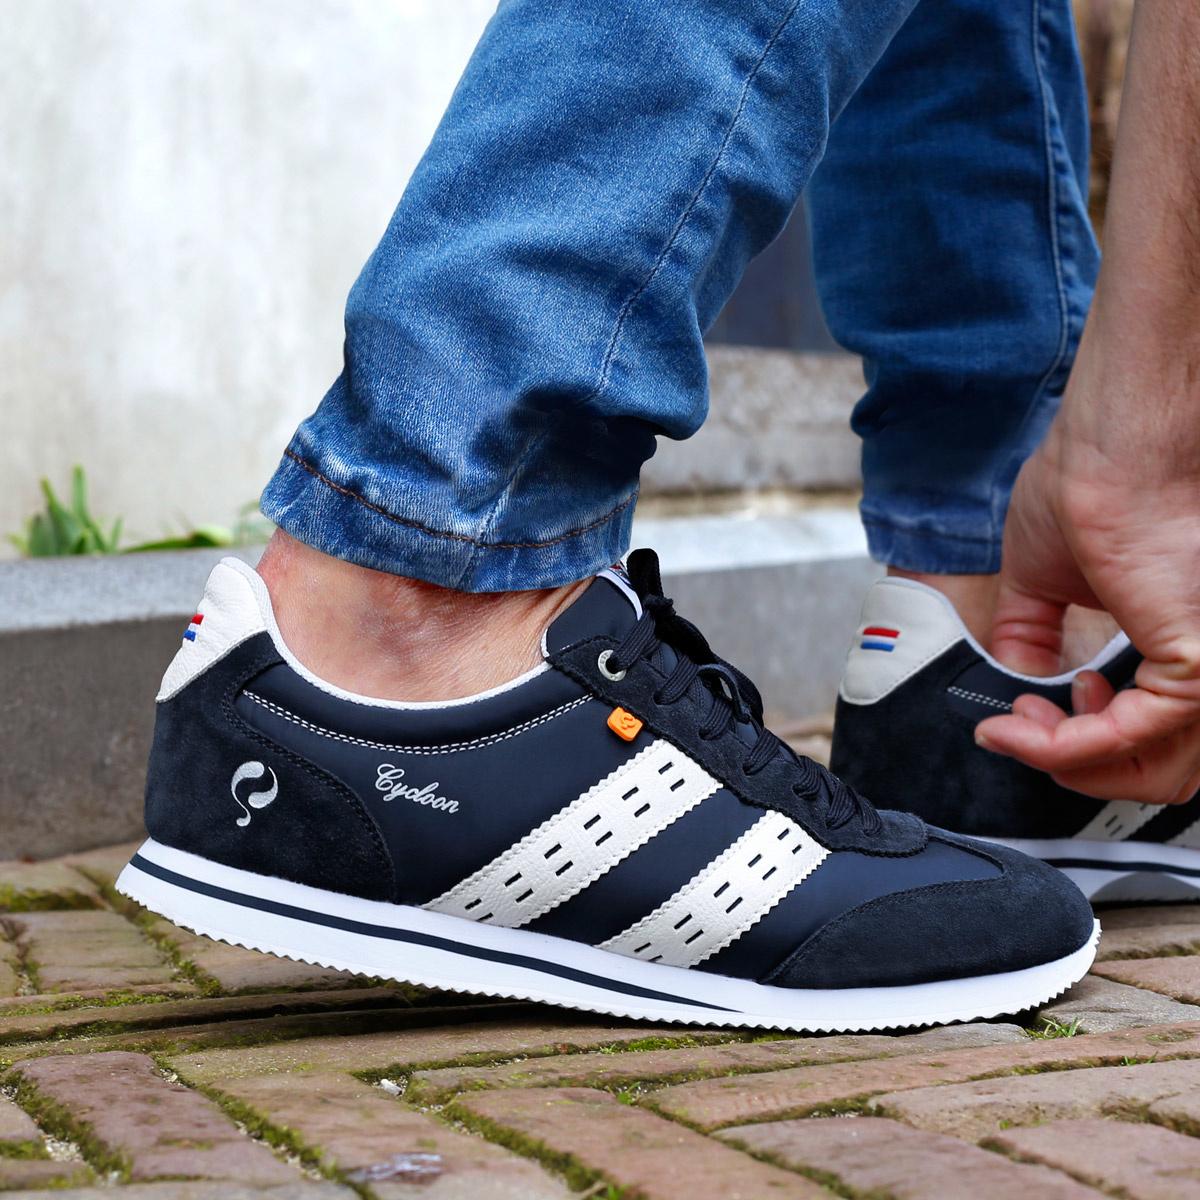 Heren Sneaker Cycloon - Donkerblauw/Wit